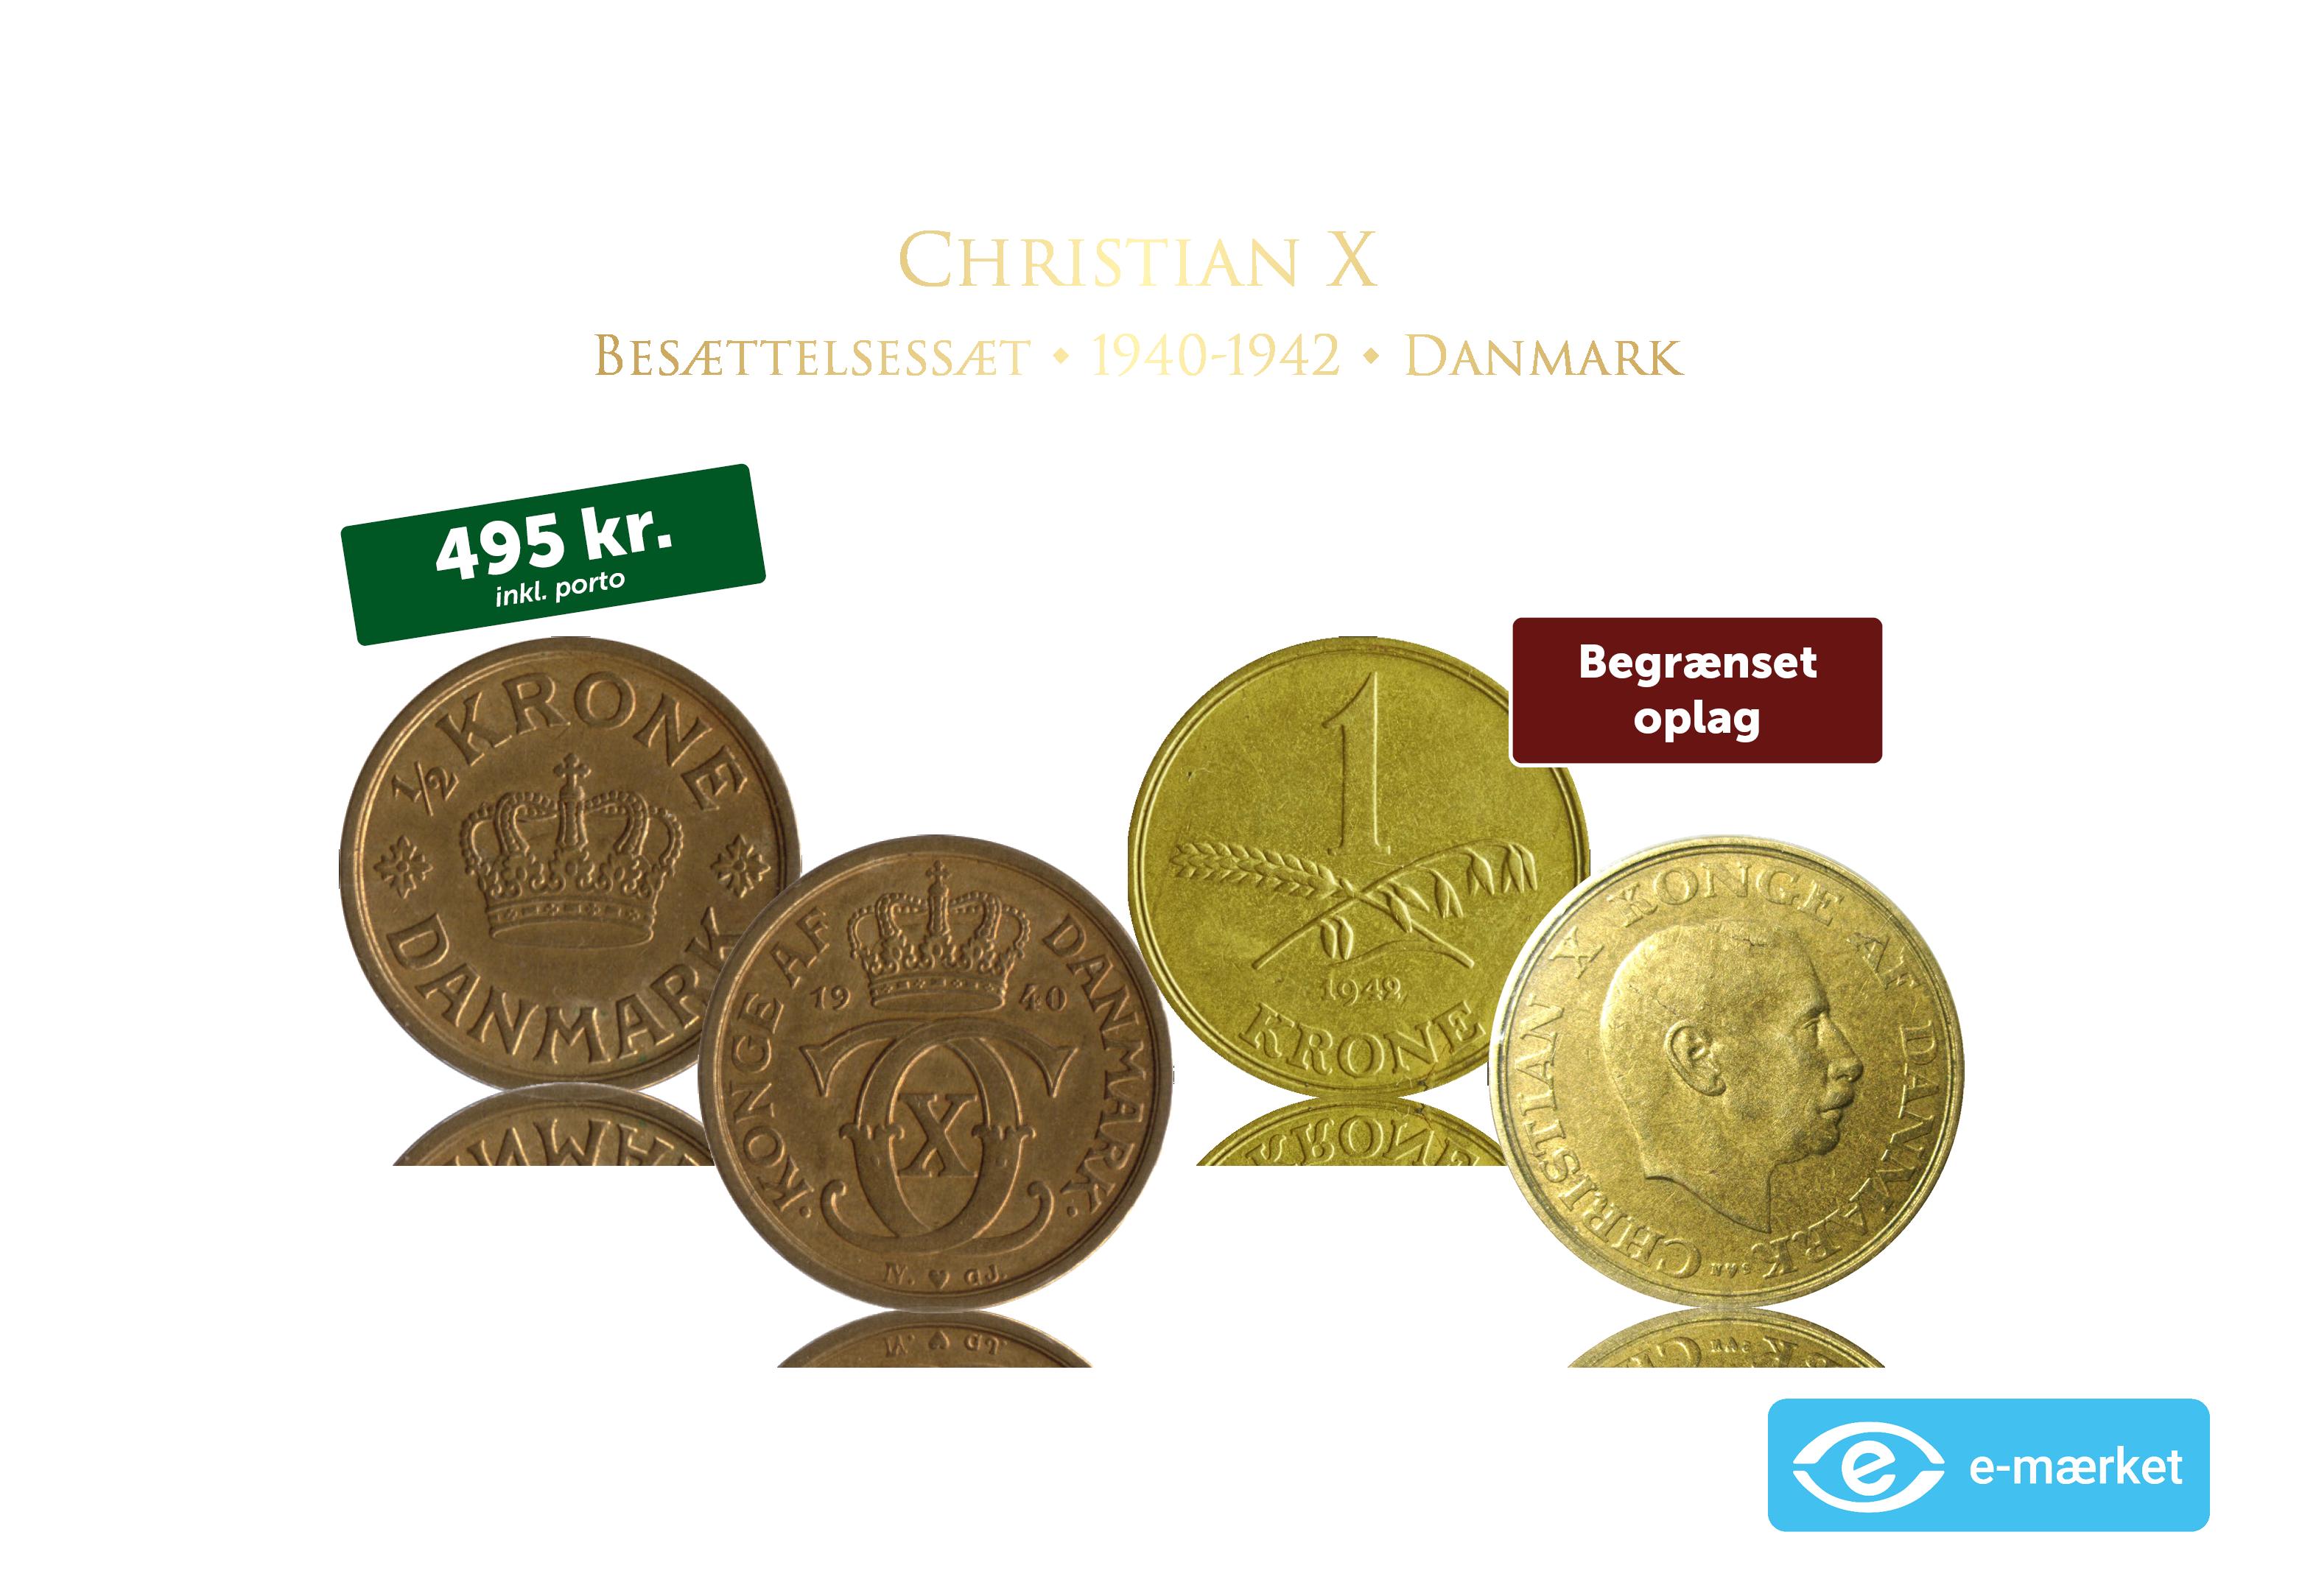 Christian X Besættelsessæt - to originale mønter